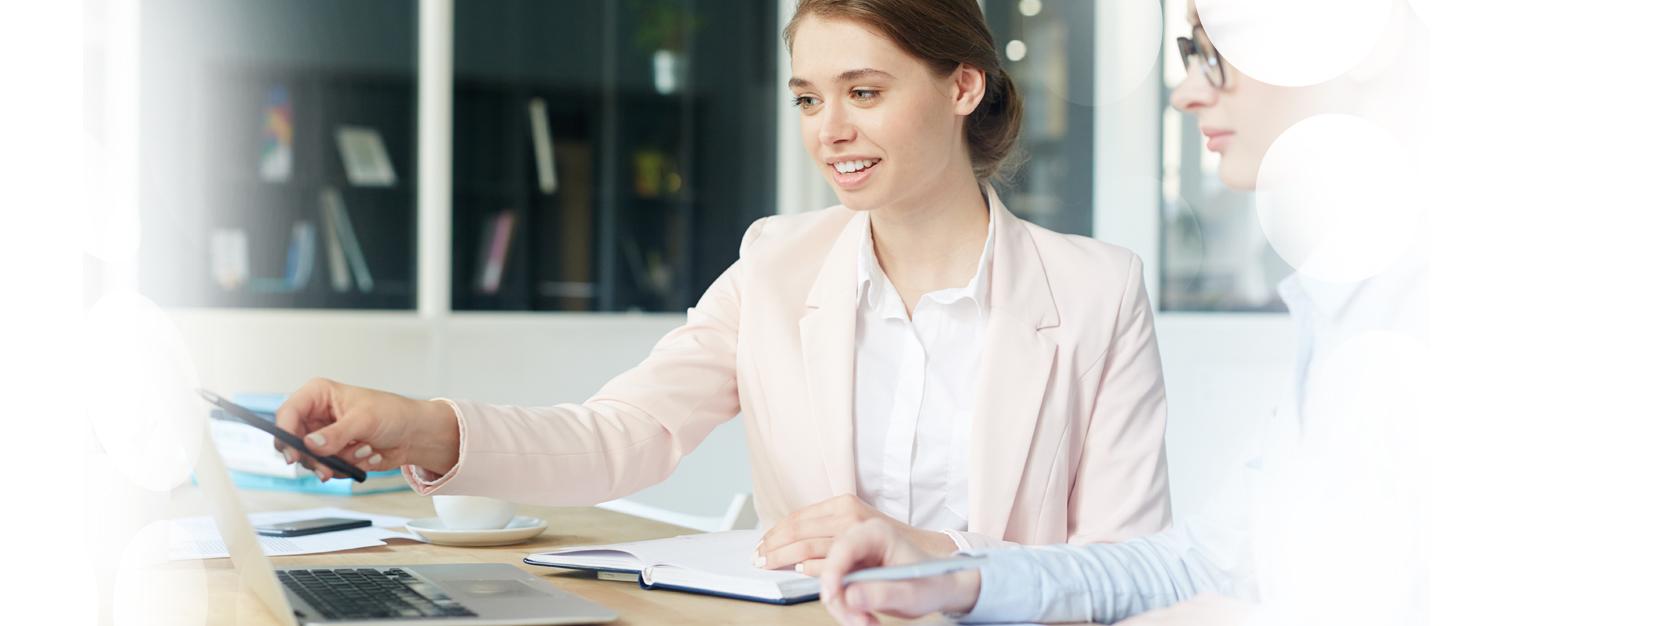 Máster Universitario en Abogacía + Máster Universitario en Tributación y Asesoría Fiscal